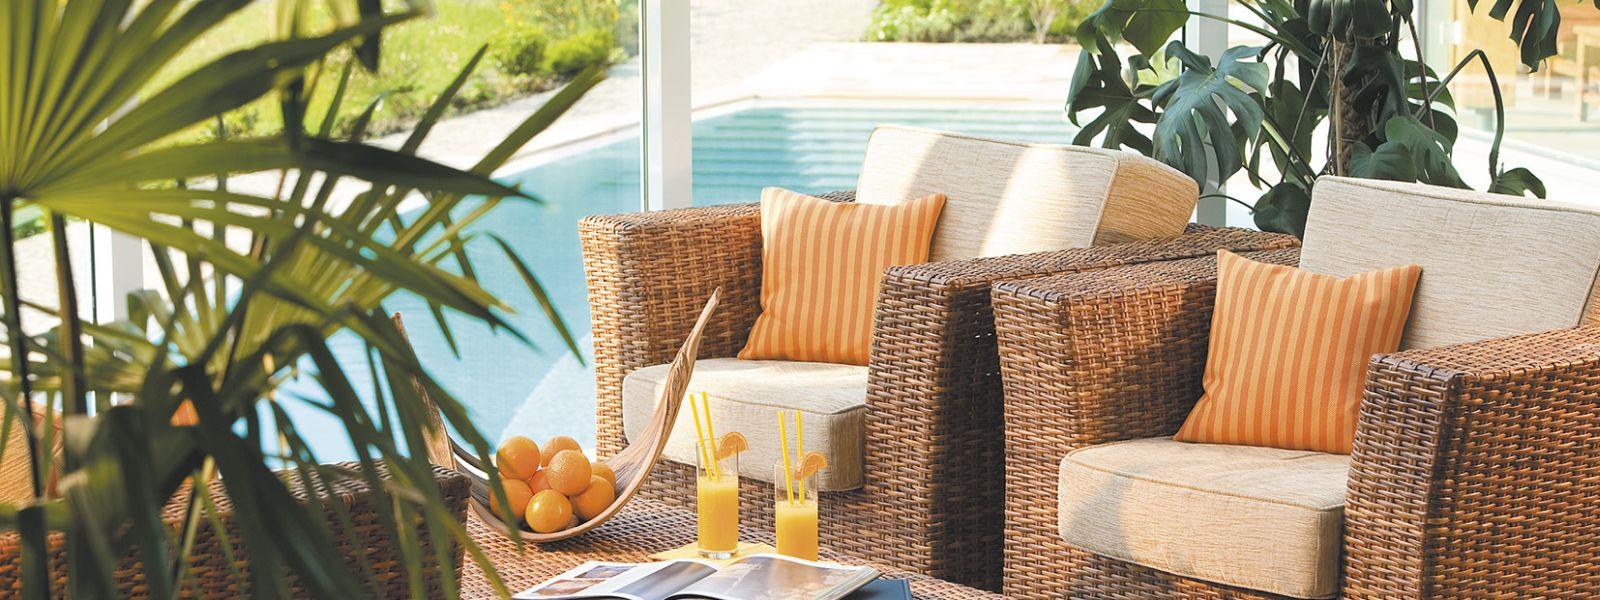 Relaxstühle im Schwimmbad-Bistro für die Familien.Ferienzeit im Hotel Deimann